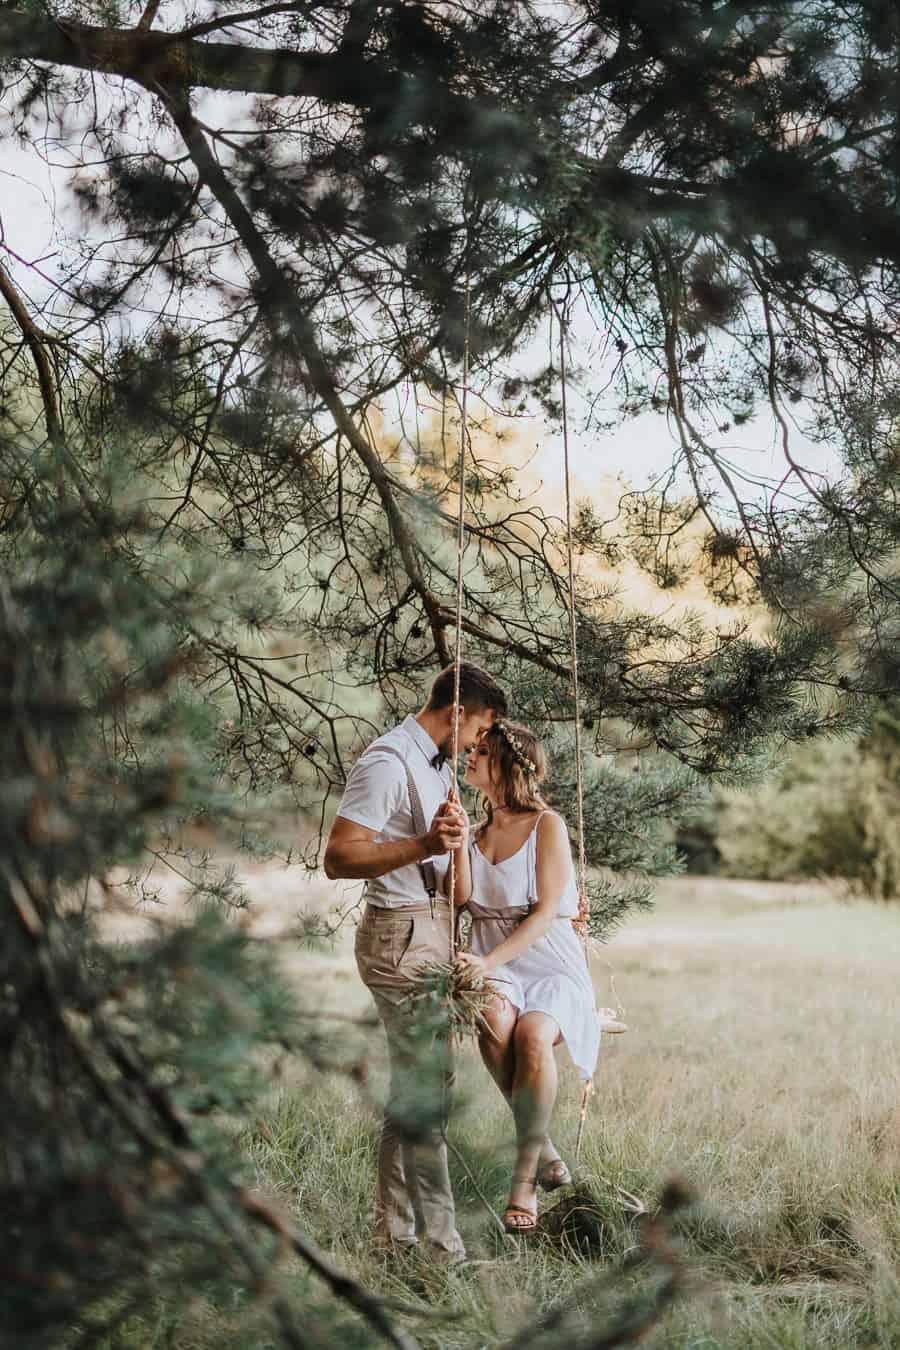 Rustykalna sesja narzeczeńska w lesie, romantyczna sesja na huśtawce